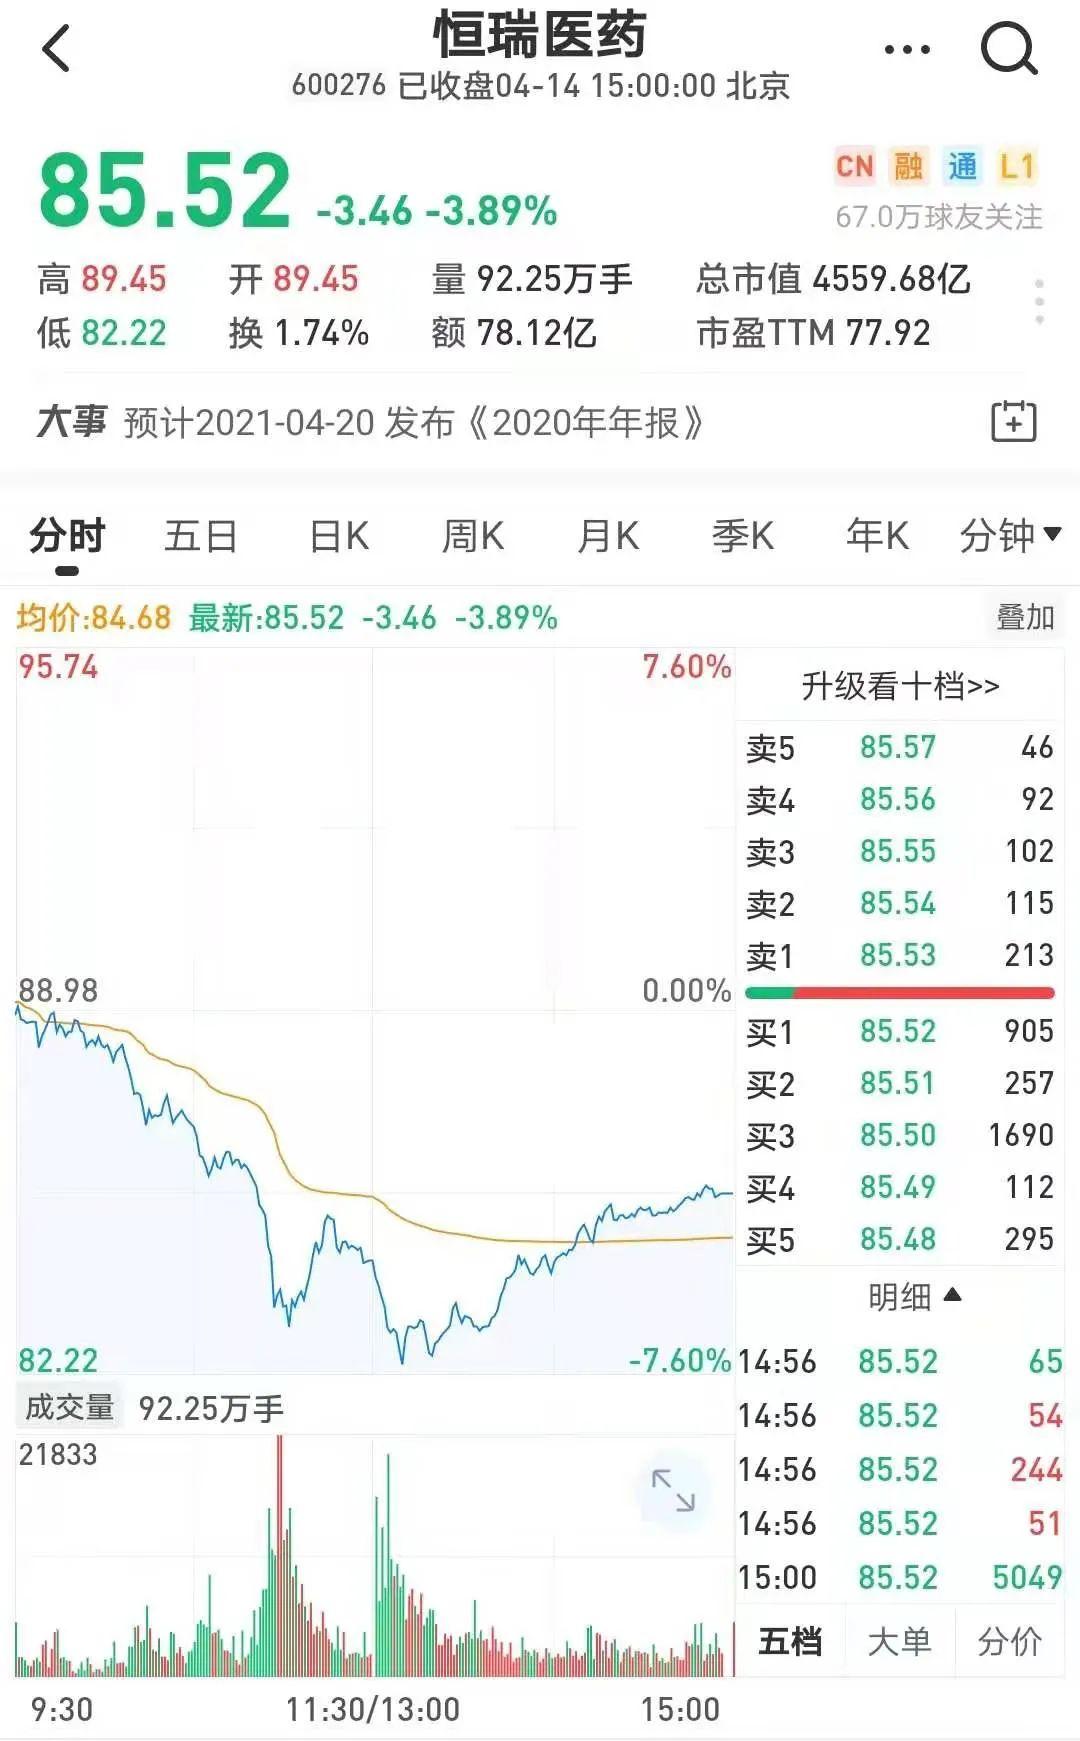 利空找到了!4500亿医药龙头突然跳水,刘彦春、董承非重仓股3连跌停